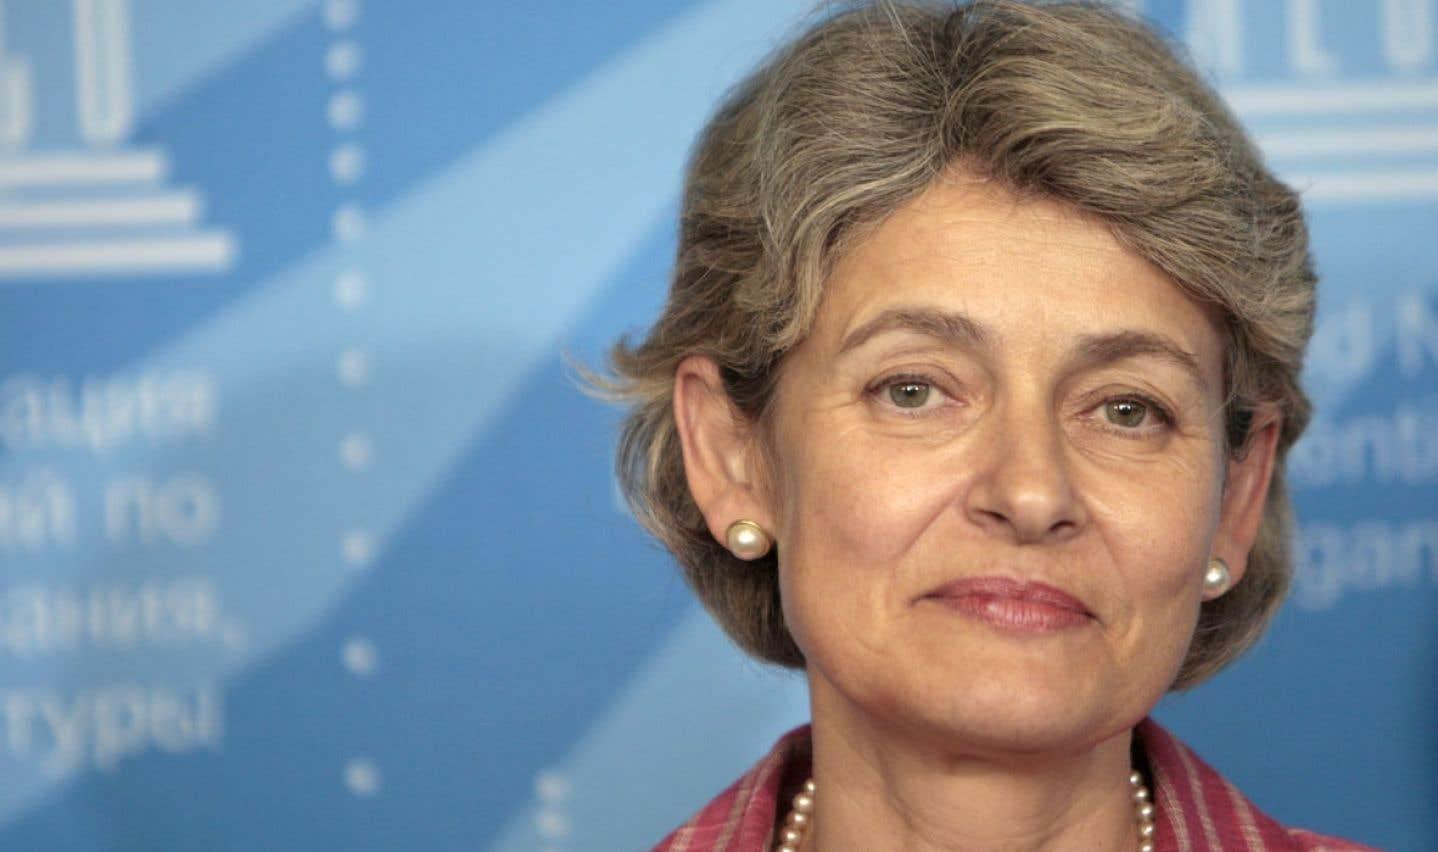 Irina Bokova est directrice générale de l'UNESCO depuis novembre 2009.